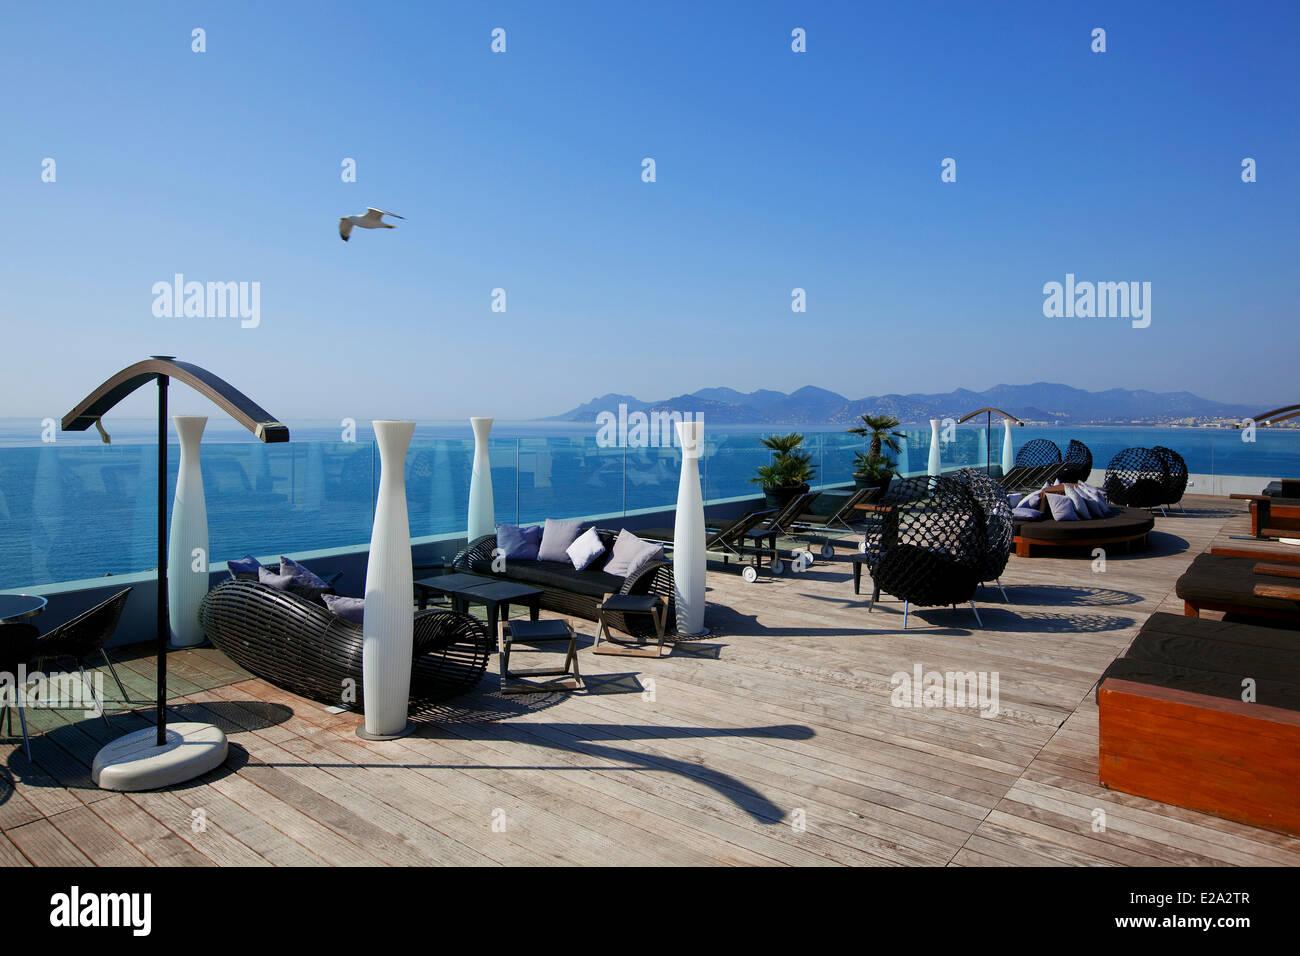 Francia, Alpes Maritimes, Cannes, Hotel Radisson Blu, terrazza sul tetto Immagini Stock